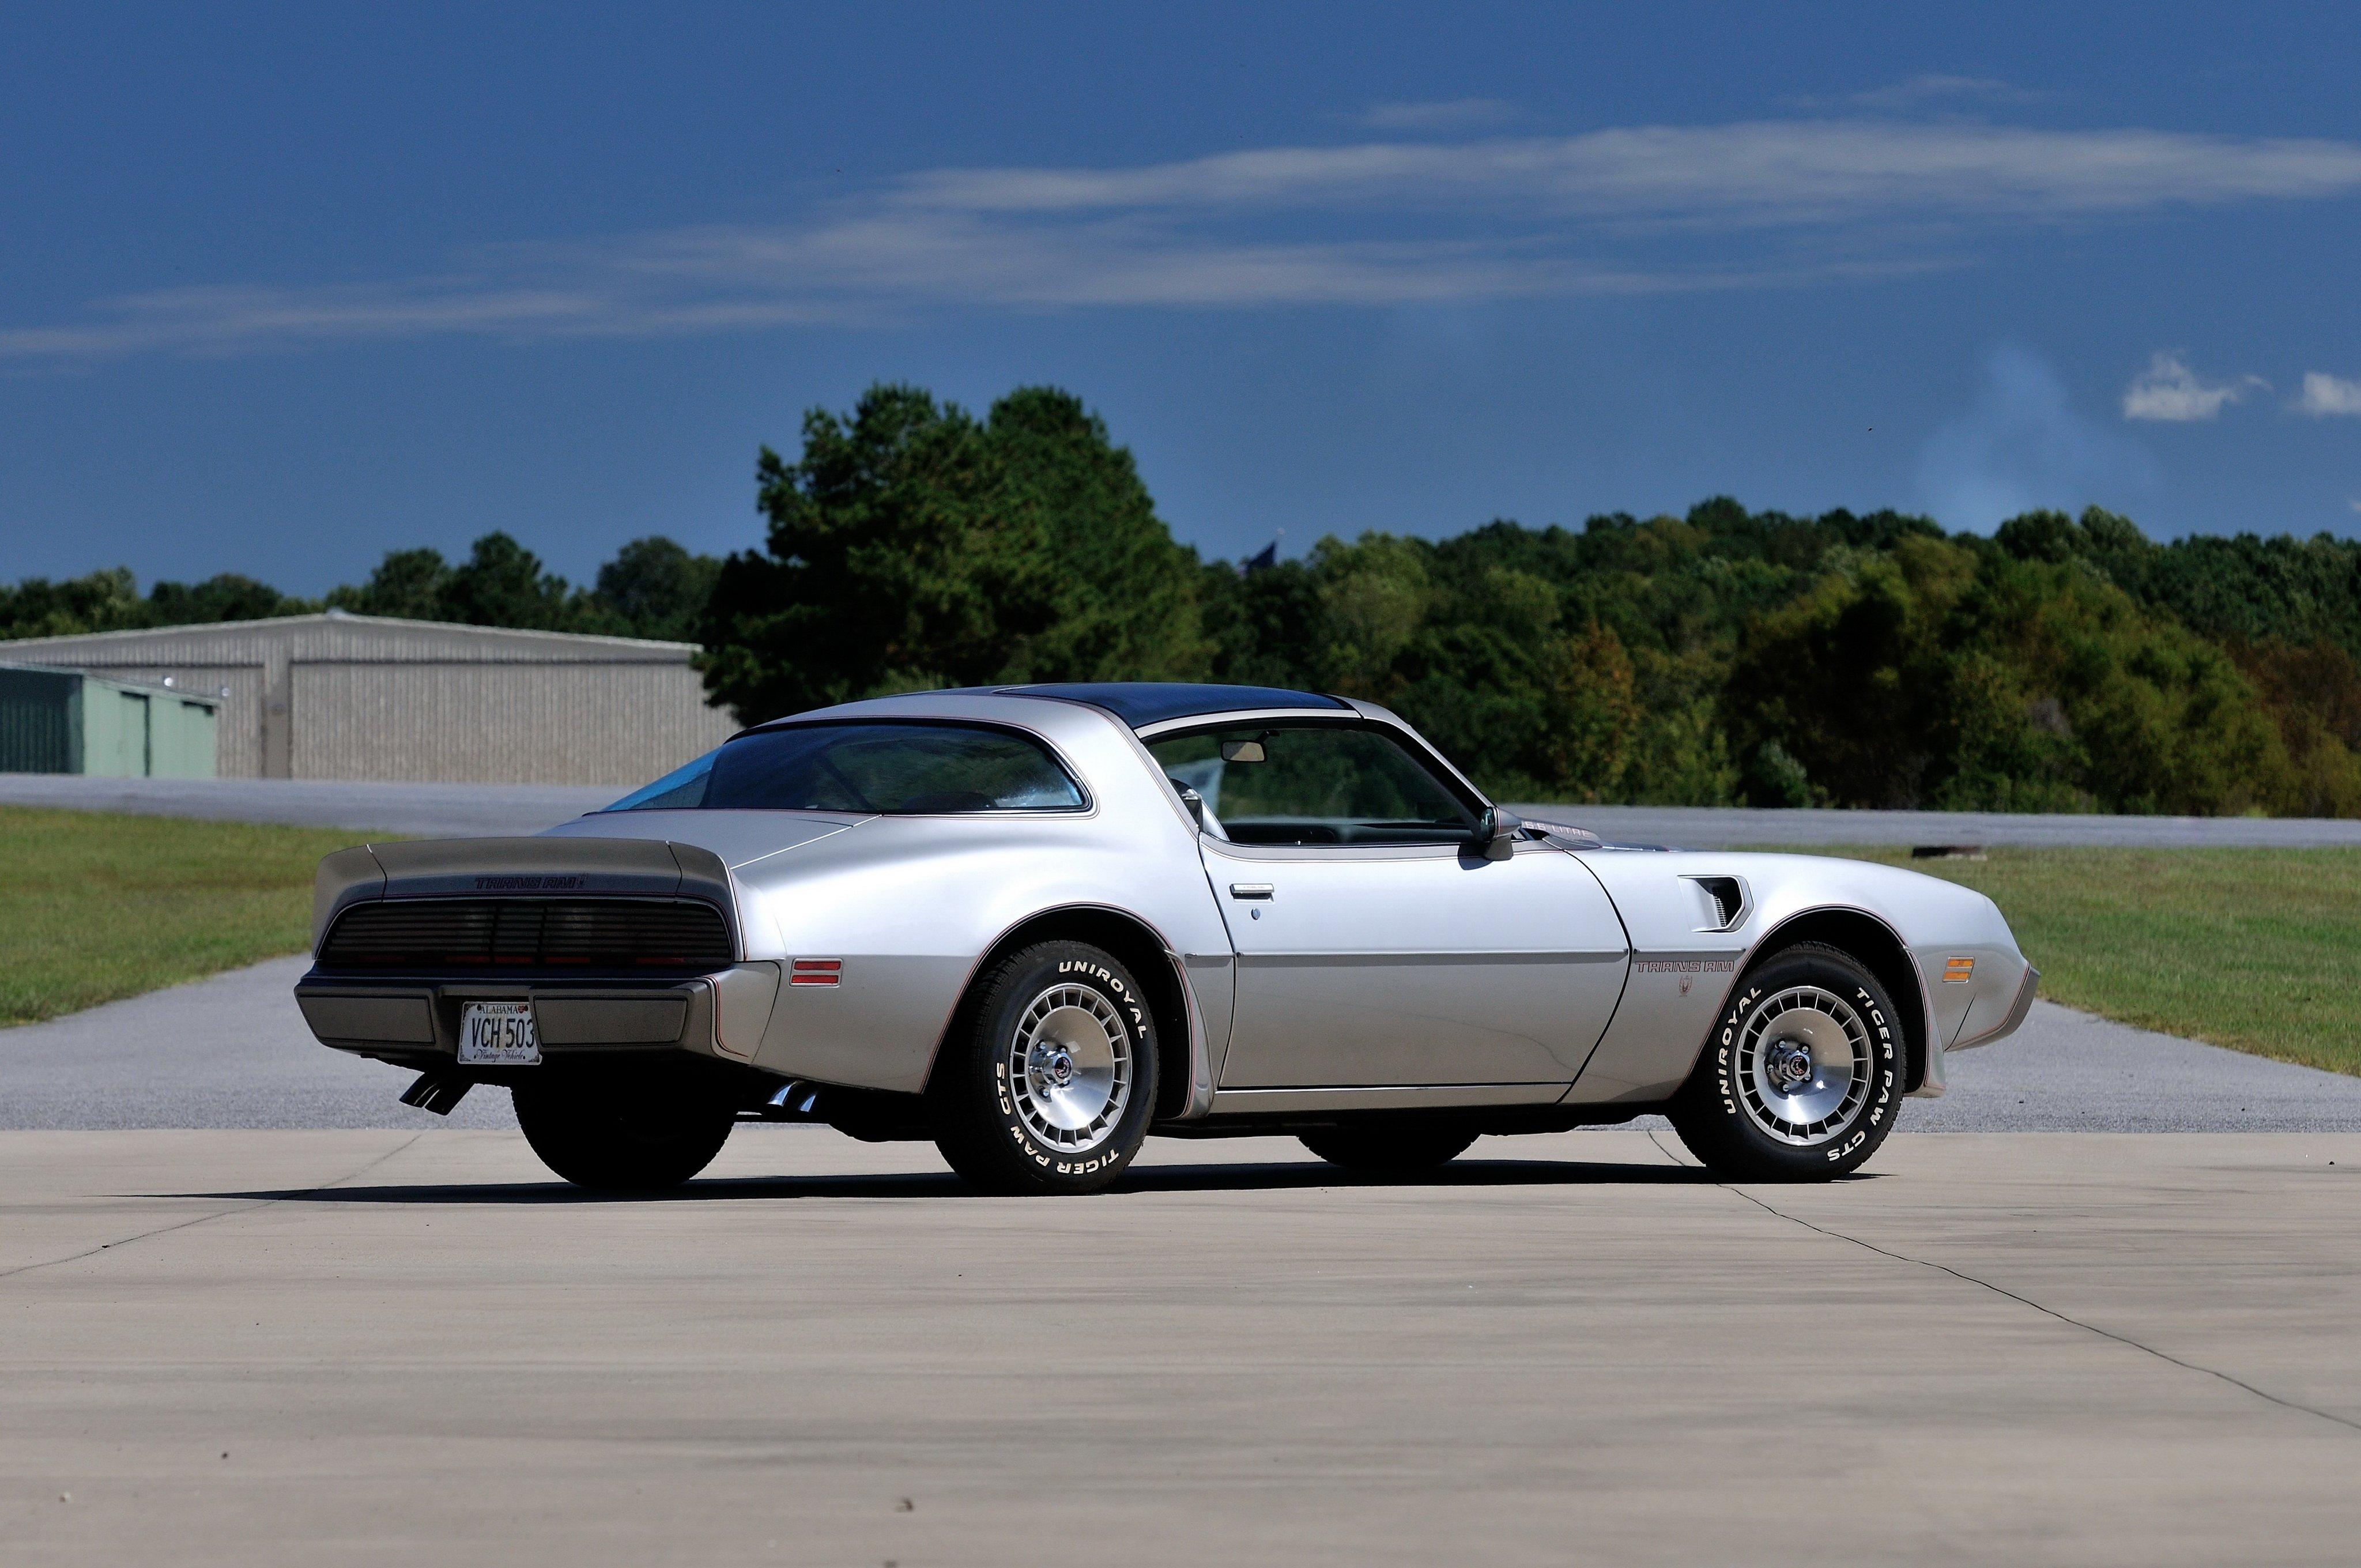 1979 Pontiac Firebird Trans Am 6 6 L80 muscle trans wallpaper 4096x2720